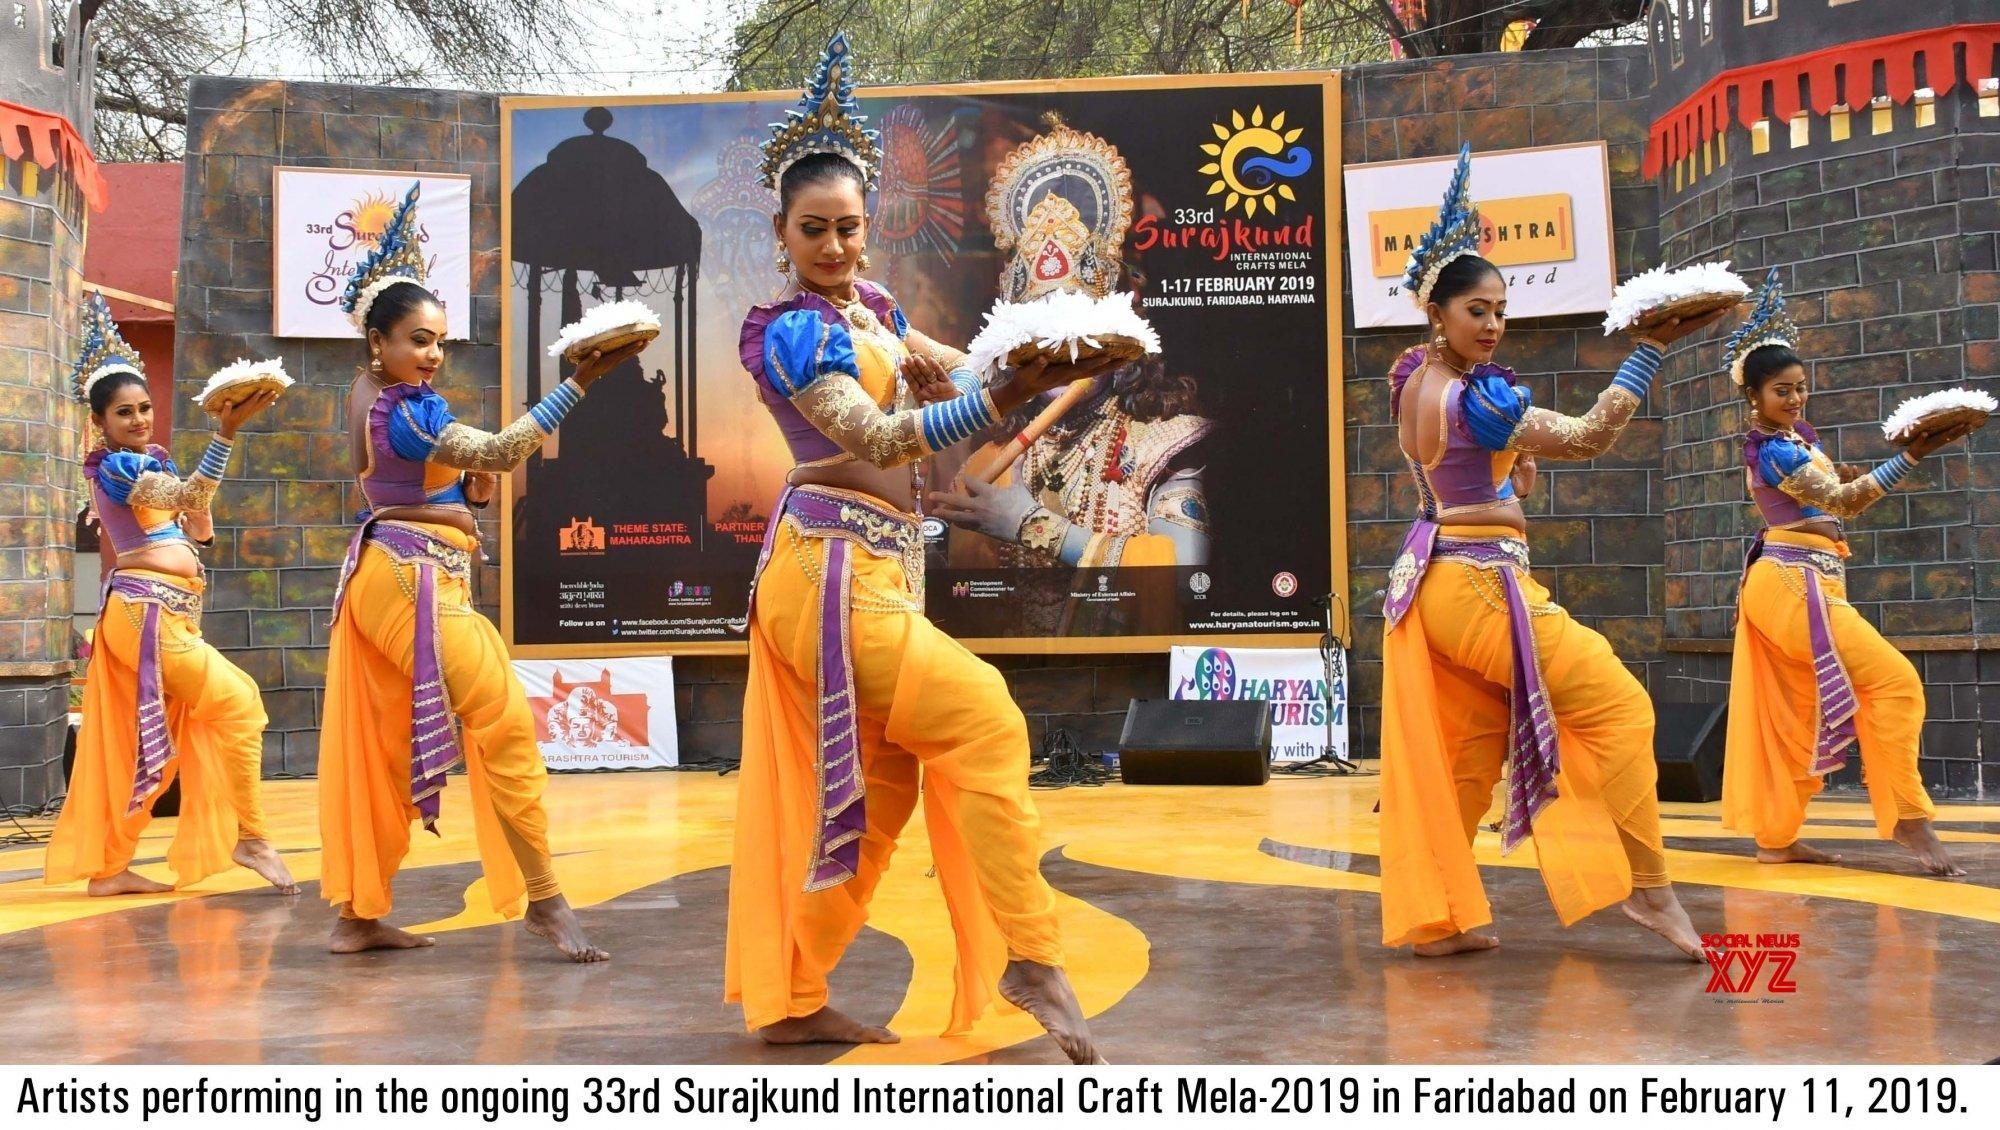 Faridabad: 33rd Surajkund International Craft Mela - 2019 #Gallery